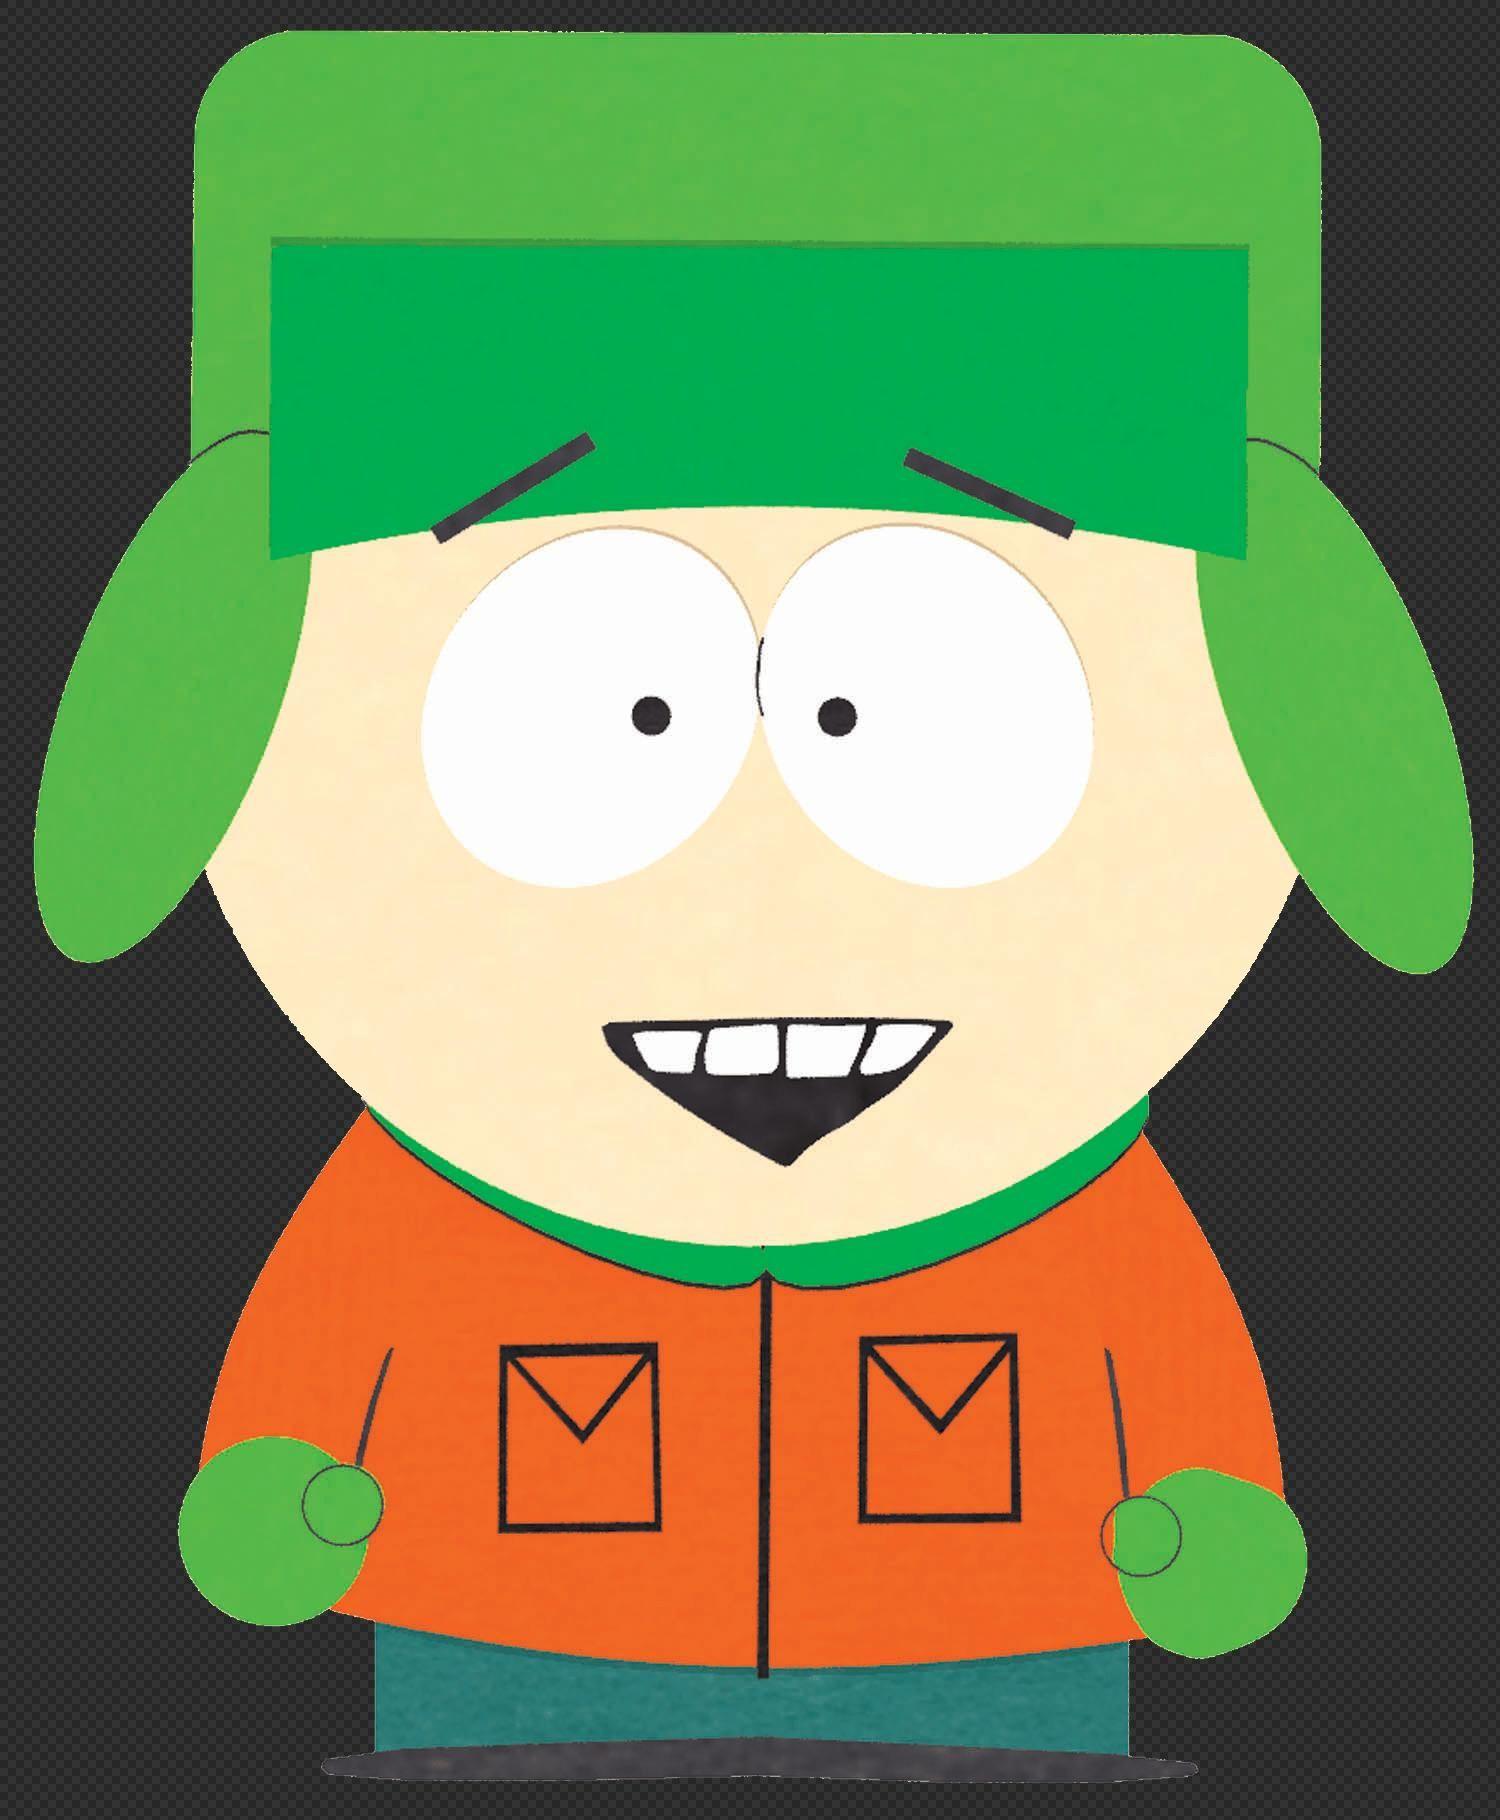 South Park Kyle Broflovski.